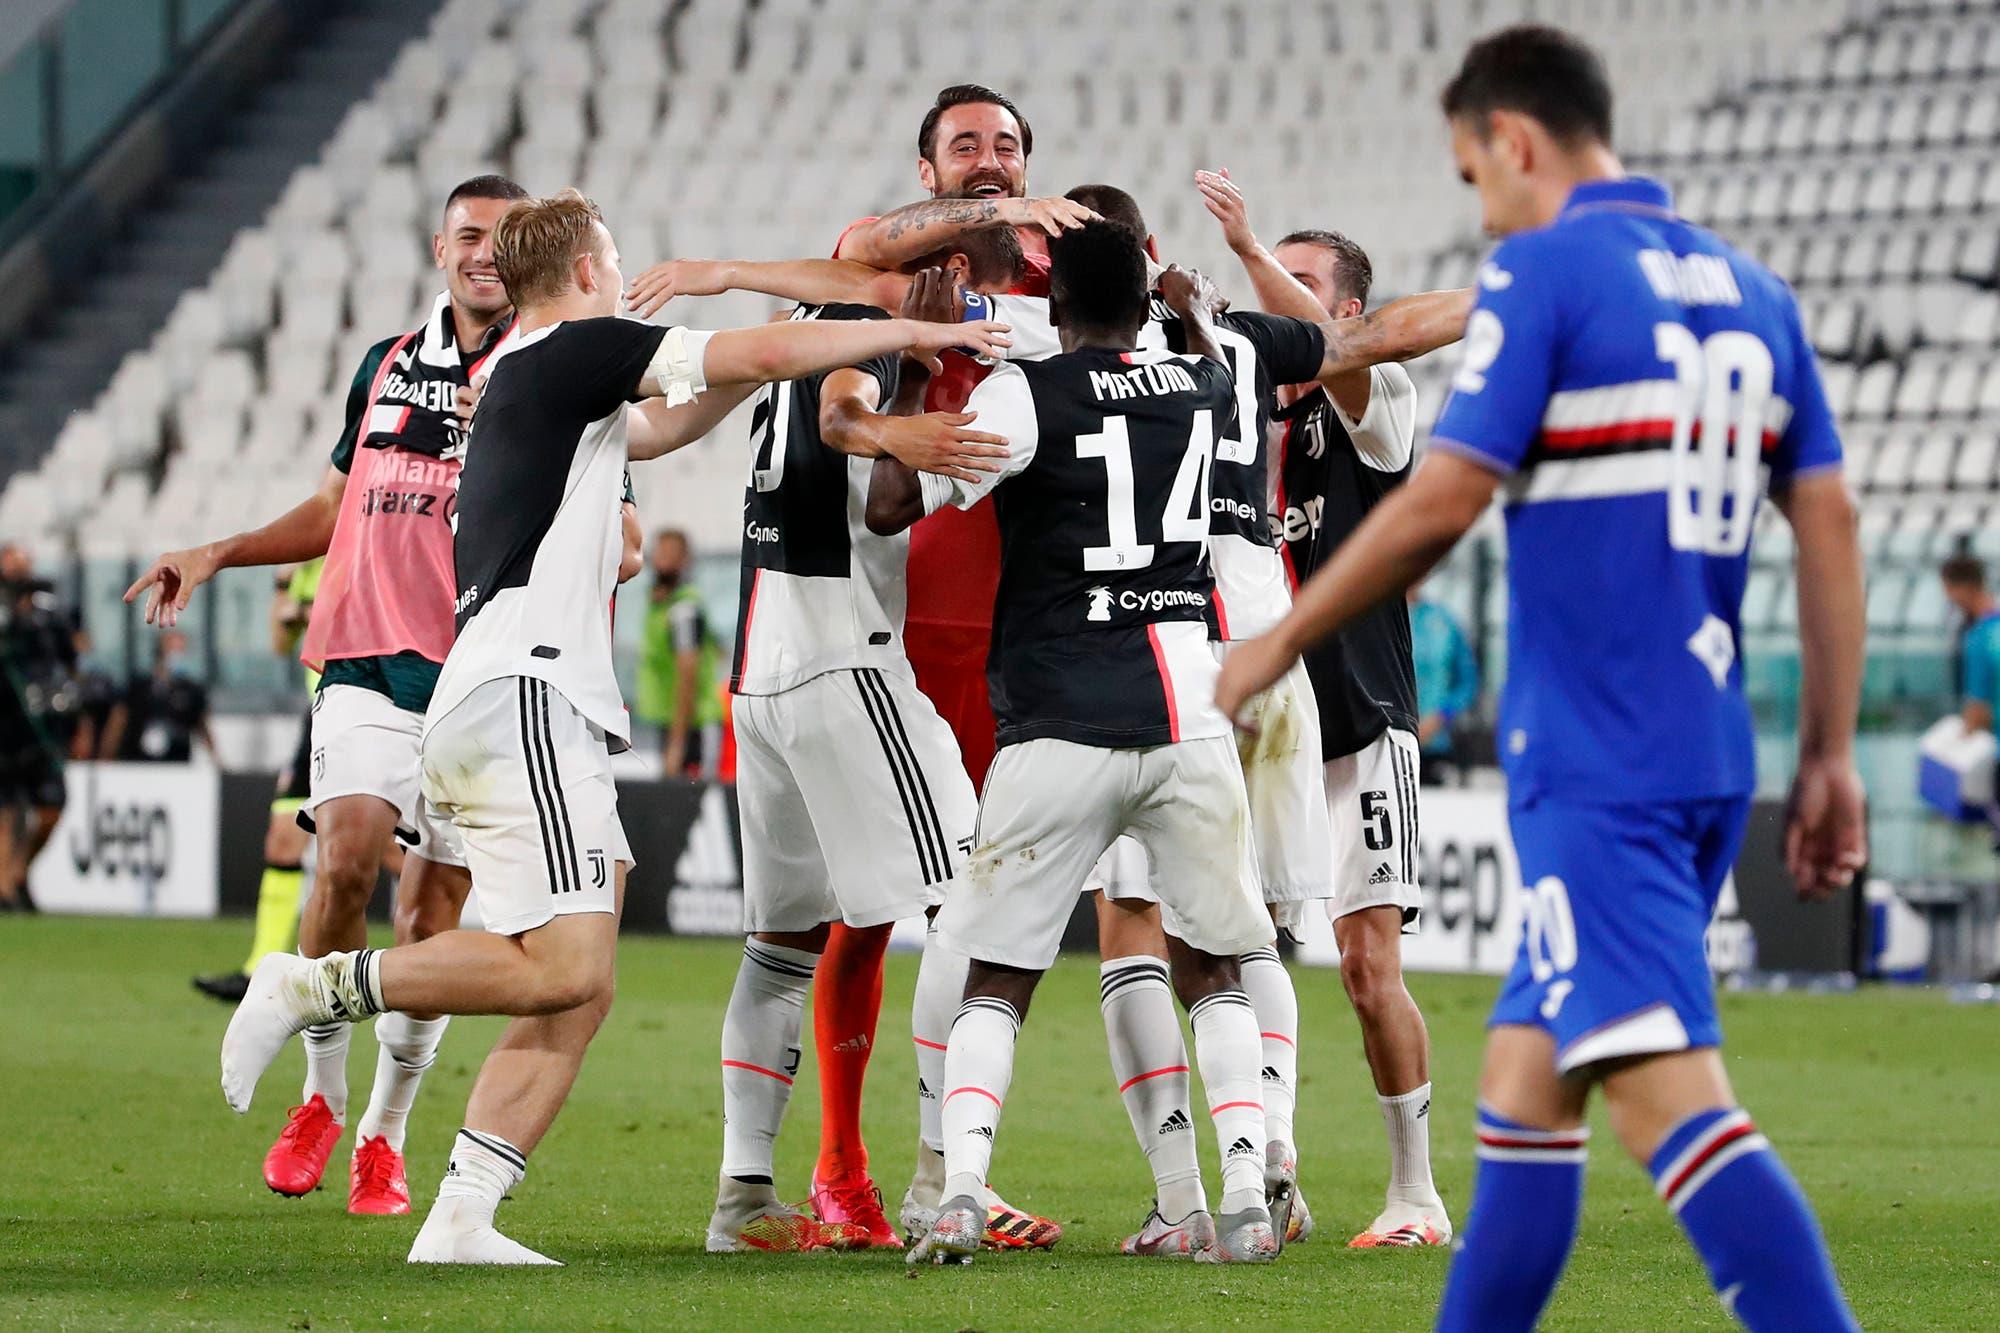 Juventus-Sampdoria, Serie A de Italia: el equipo de Paulo Dybala y Gonzalo Higuaín ganó y conquistó su noveno Scudetto seguido